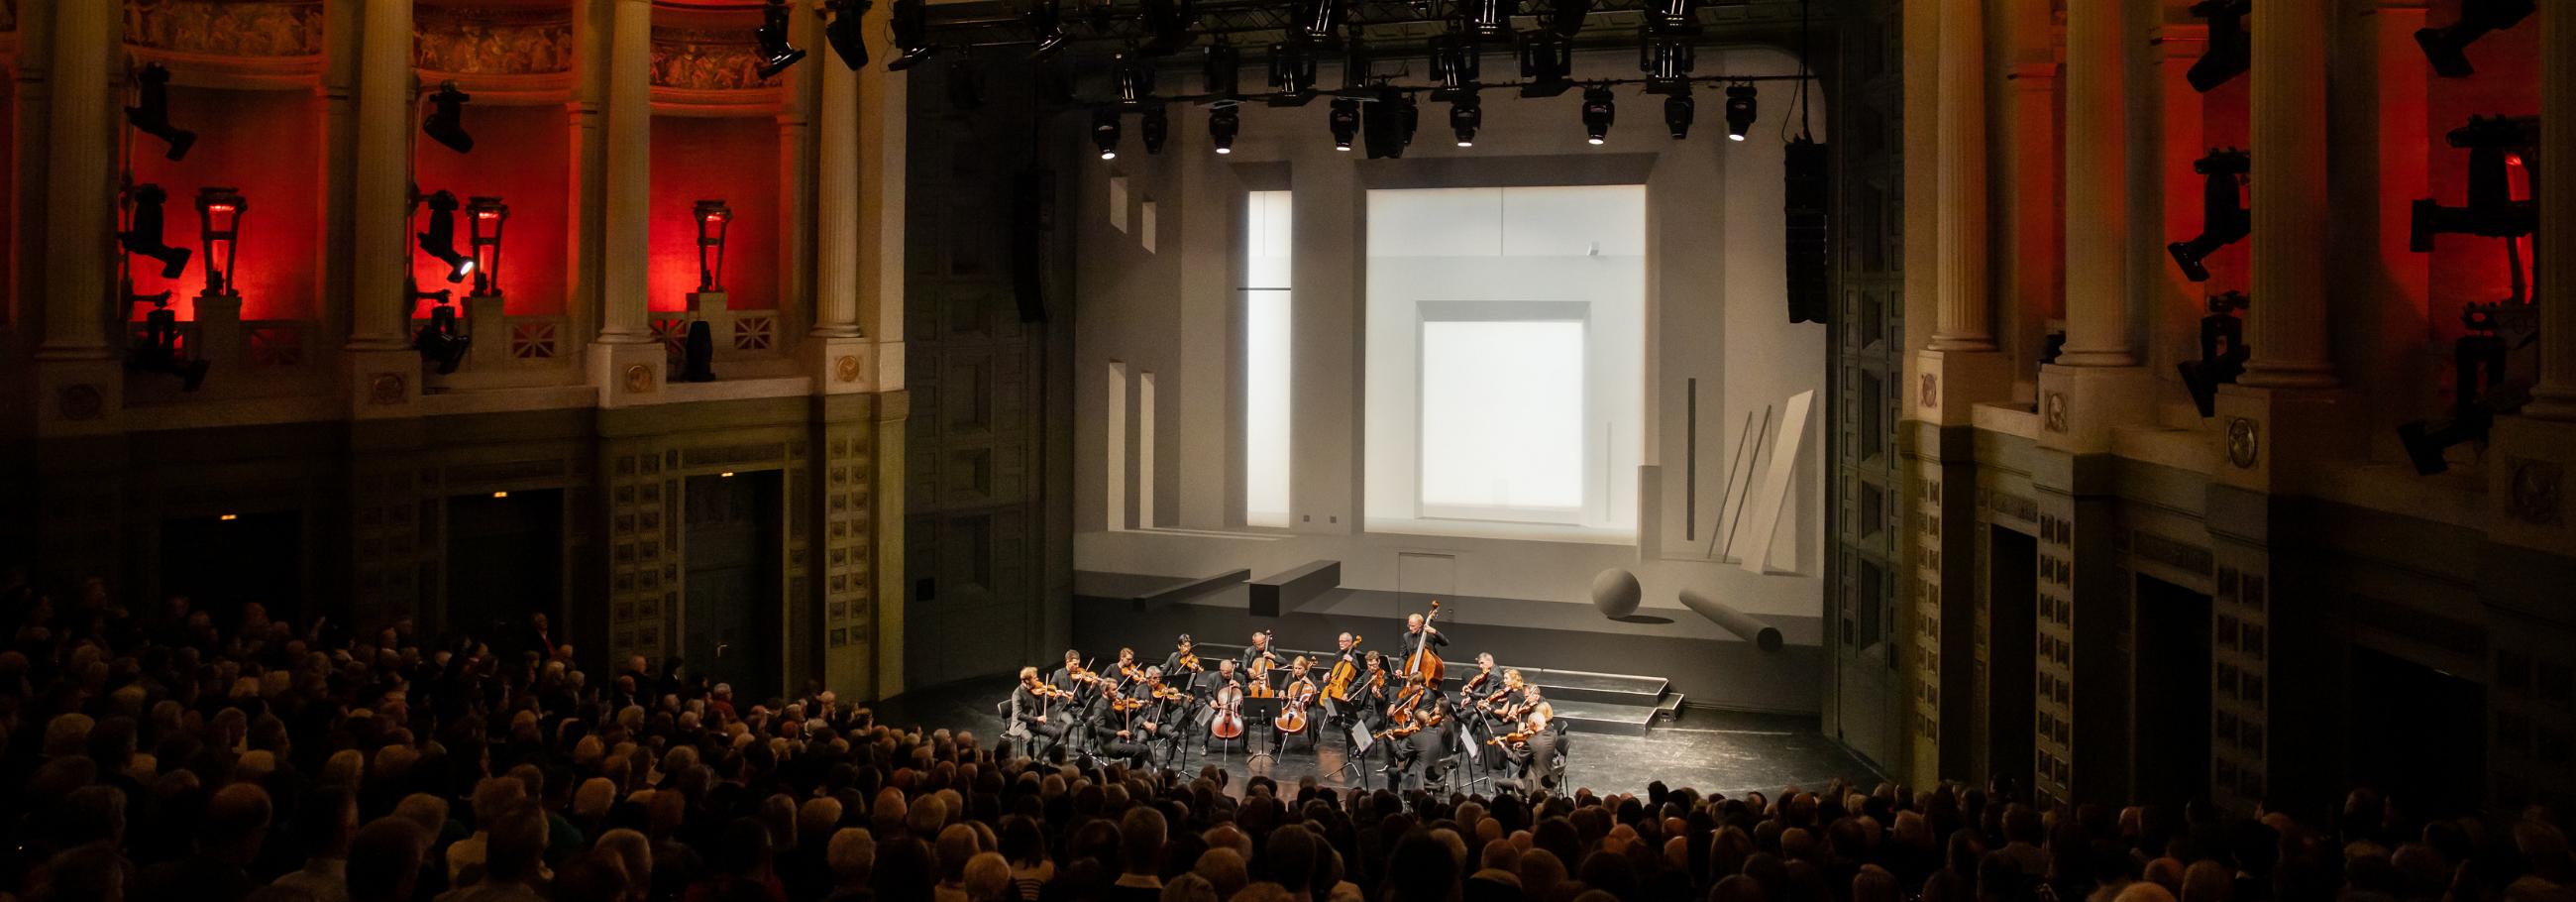 Prinzregententheater Kalender Event _ Konzertseite (2)